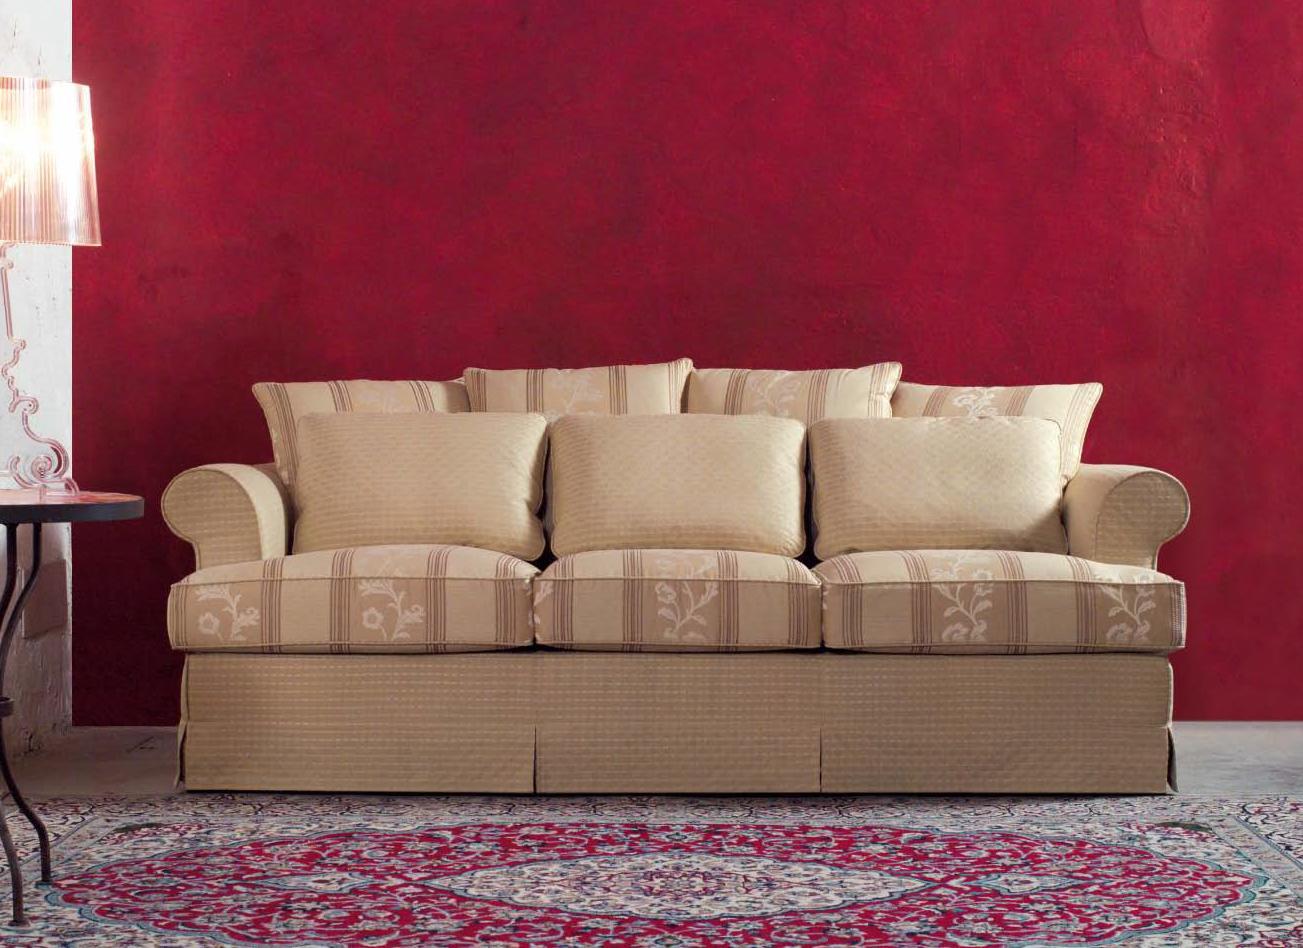 Divano classico moscow sofa divani su misura - Divano classico ...